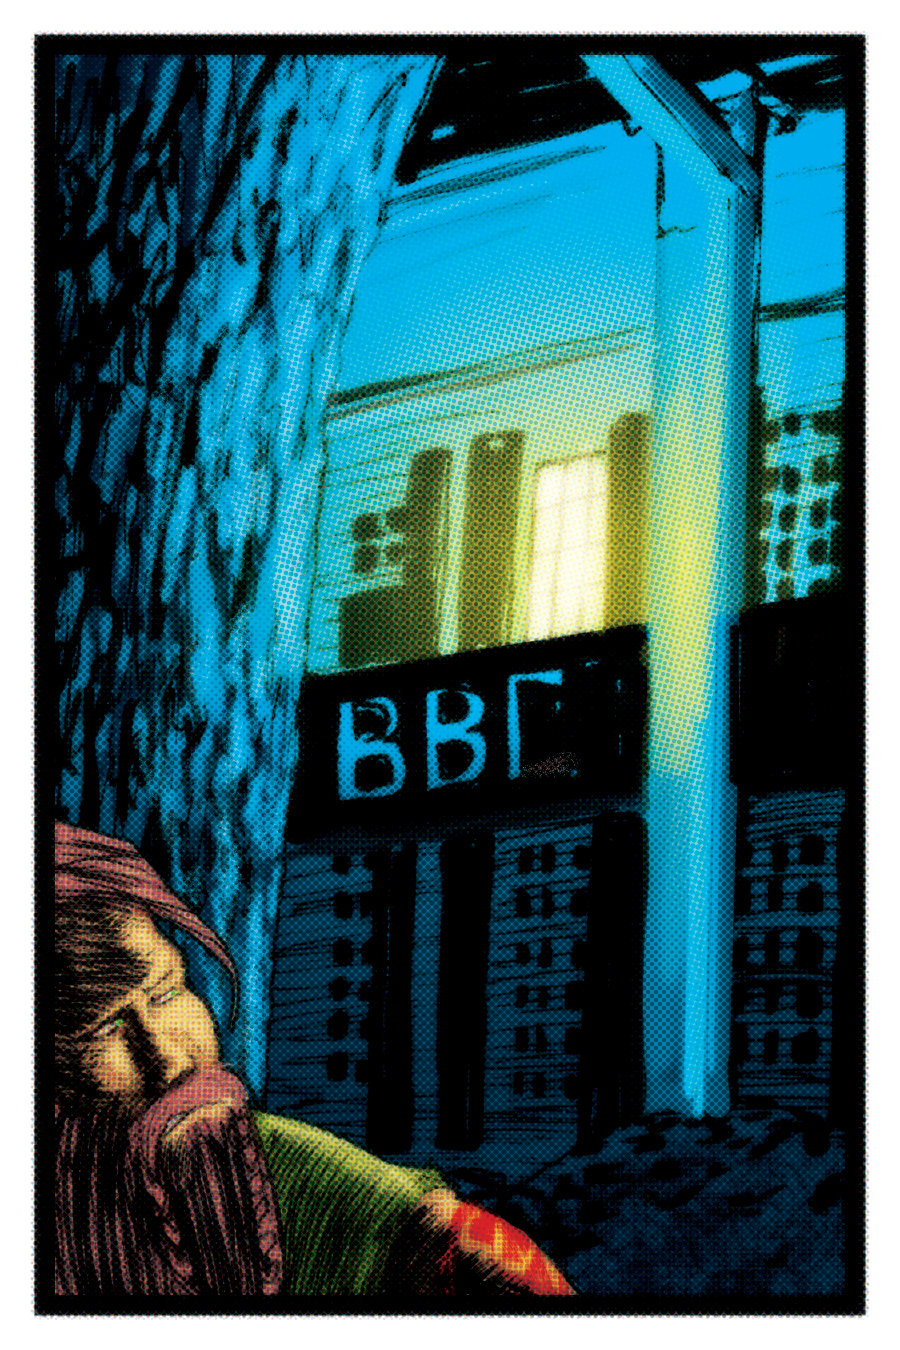 Monomania panel #125